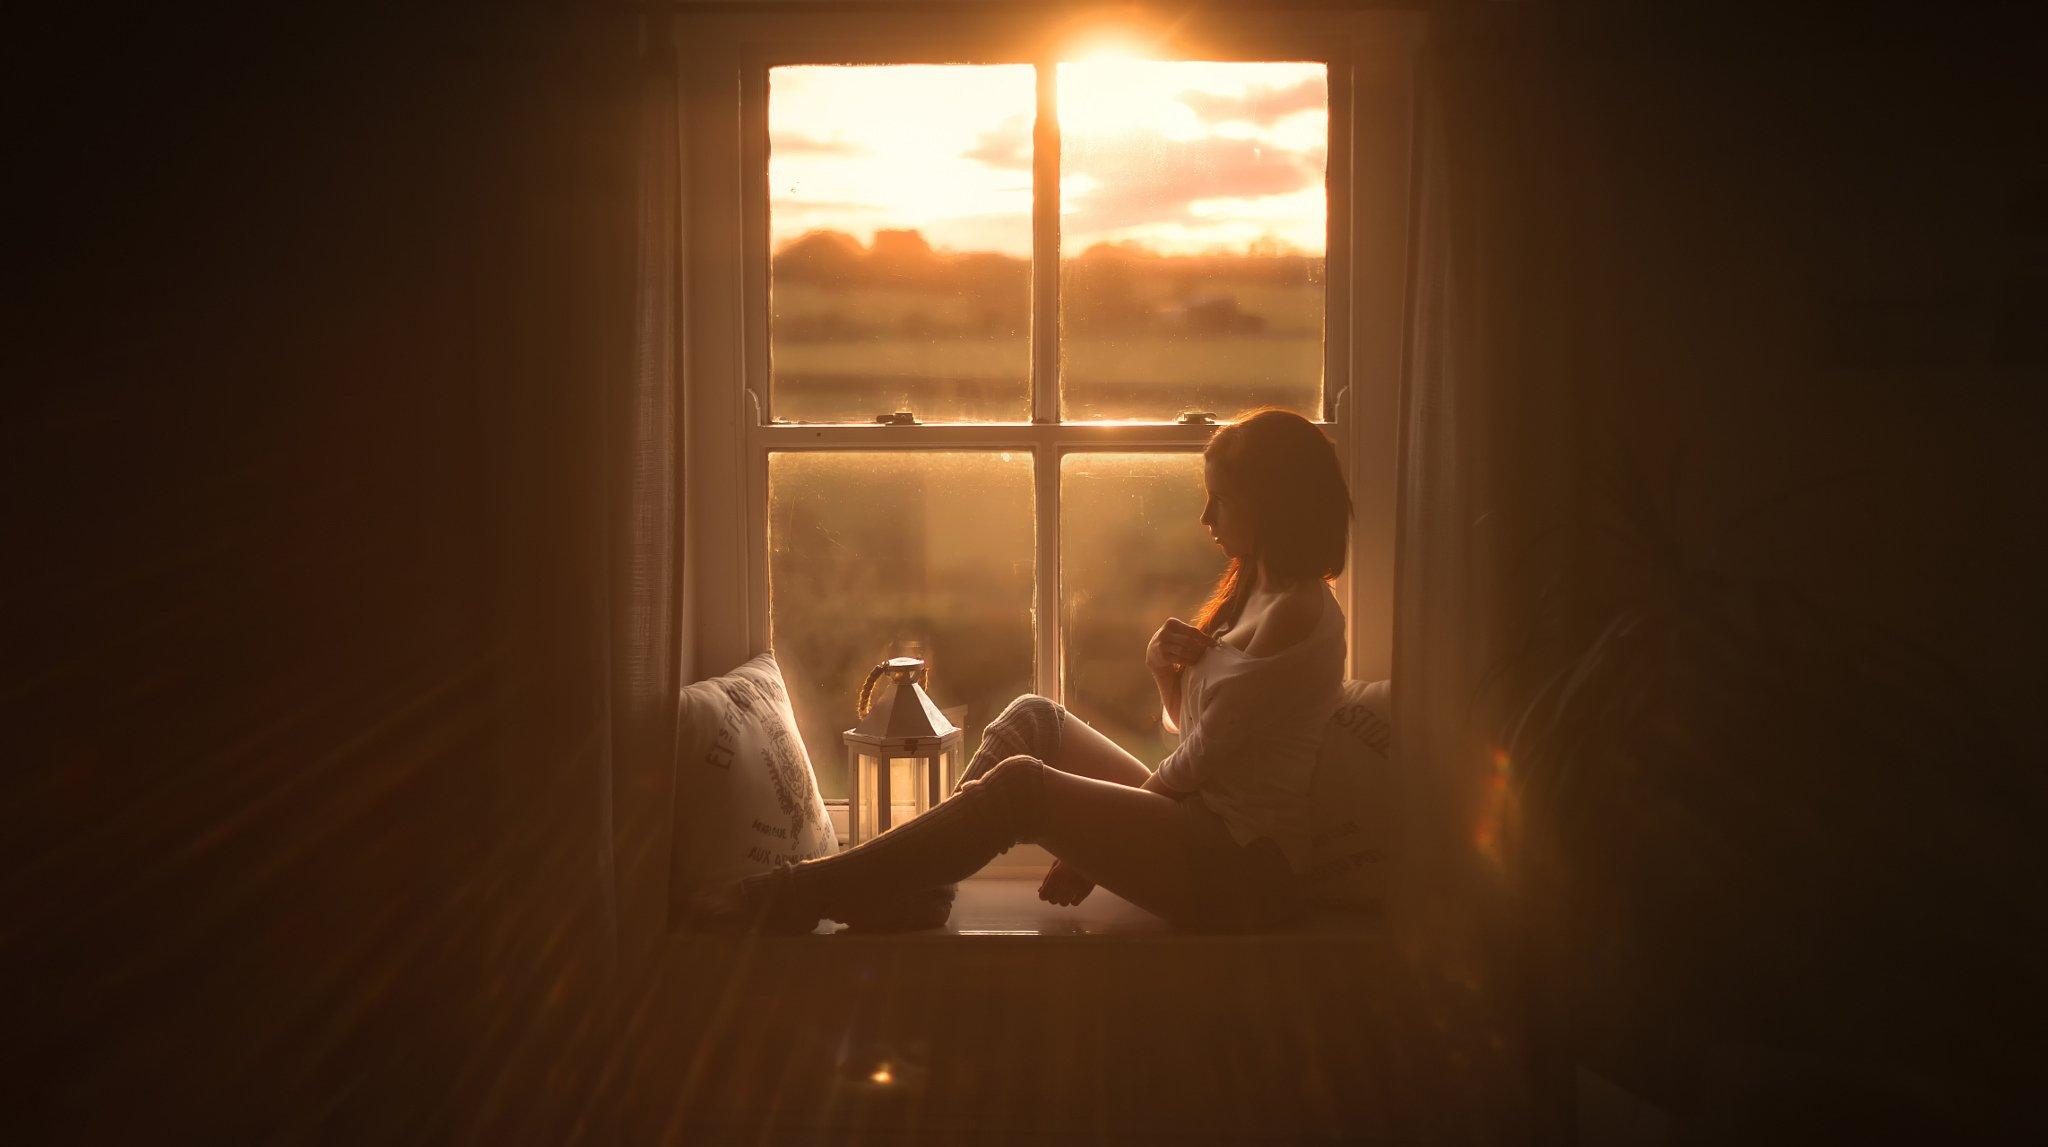 красотка,окно,сидит,кофе  № 418209  скачать